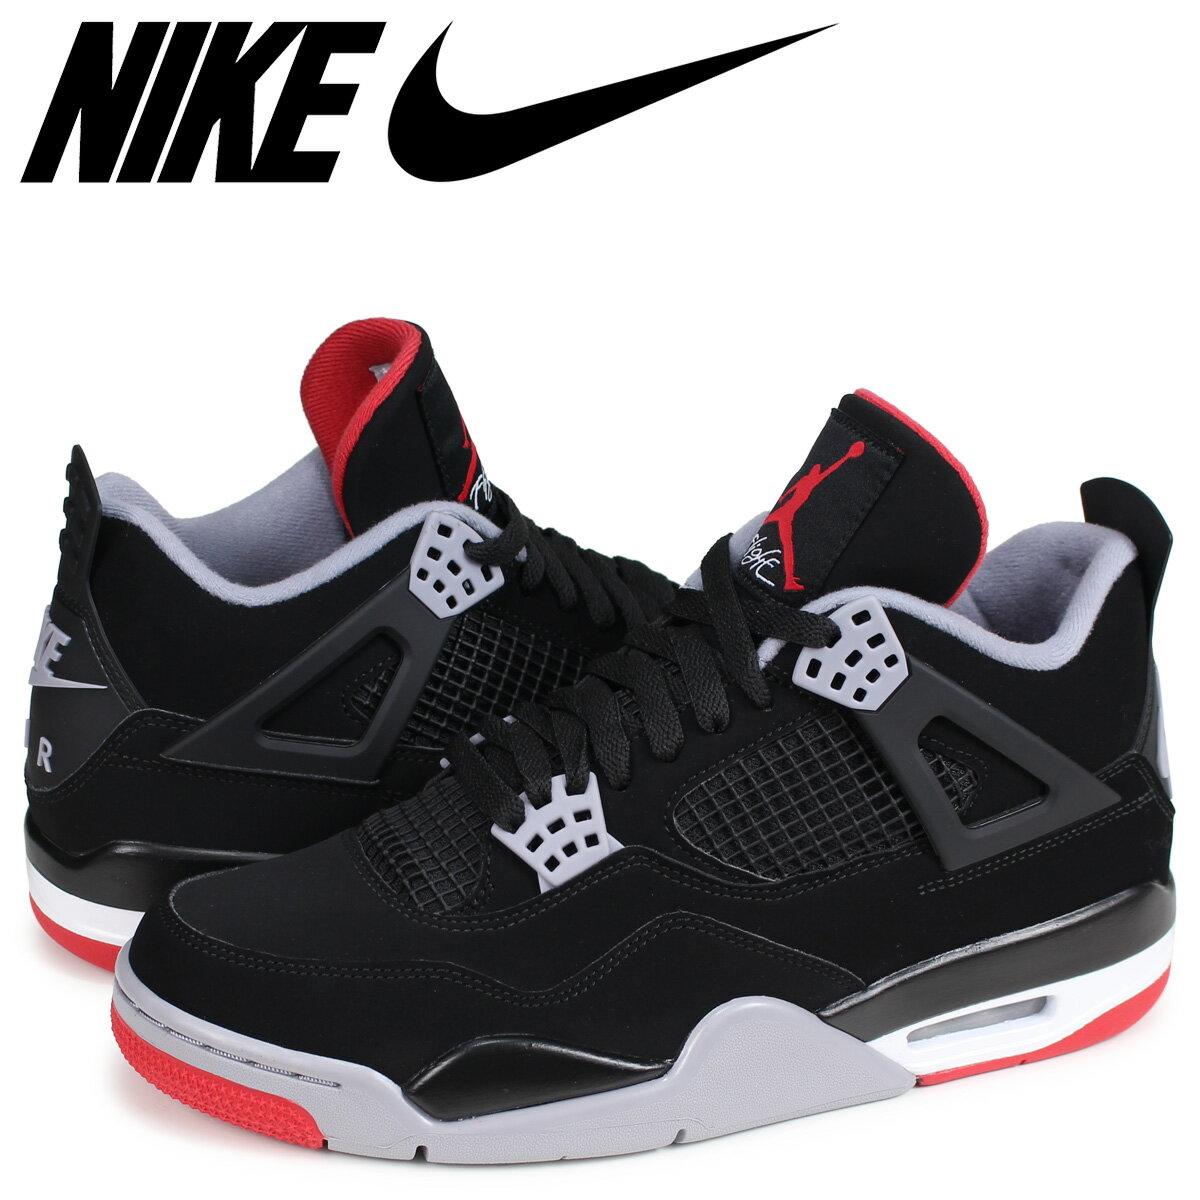 メンズ靴, スニーカー NIKE AIR JORDAN 4 RETRO BRED 4 308497-060